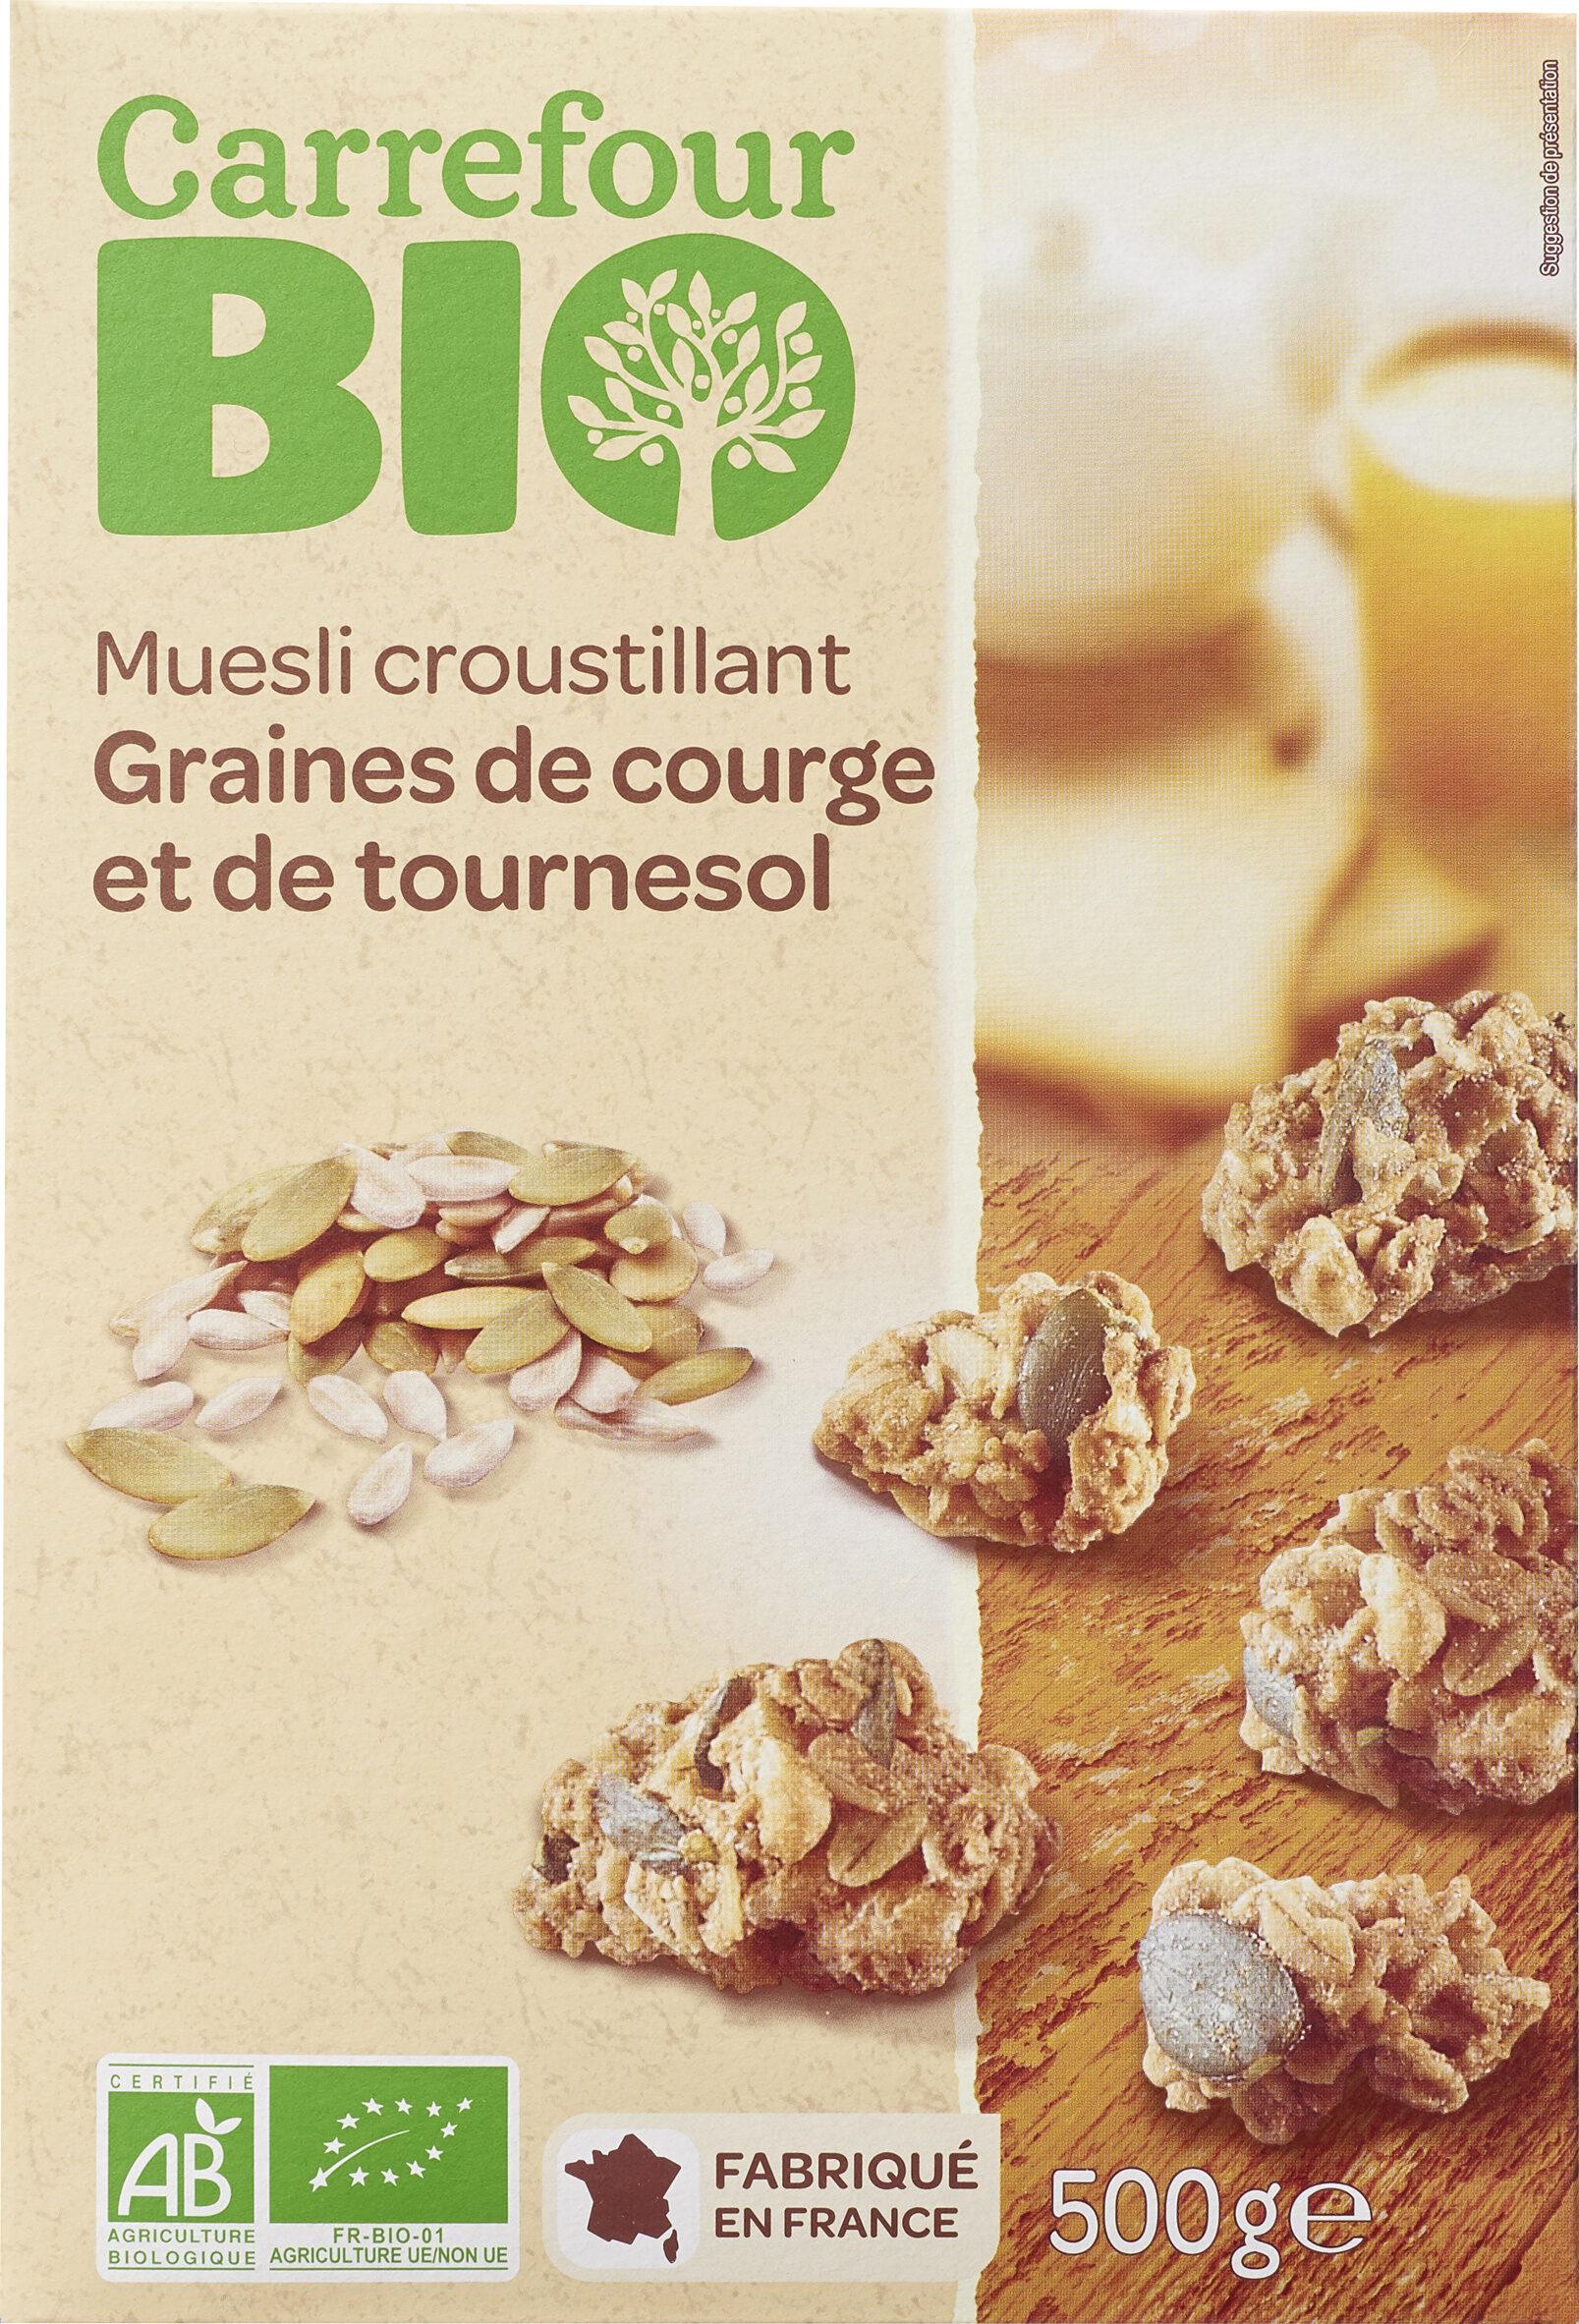 Muesli croustillant Graines de courge et de tournesol - Produit - fr